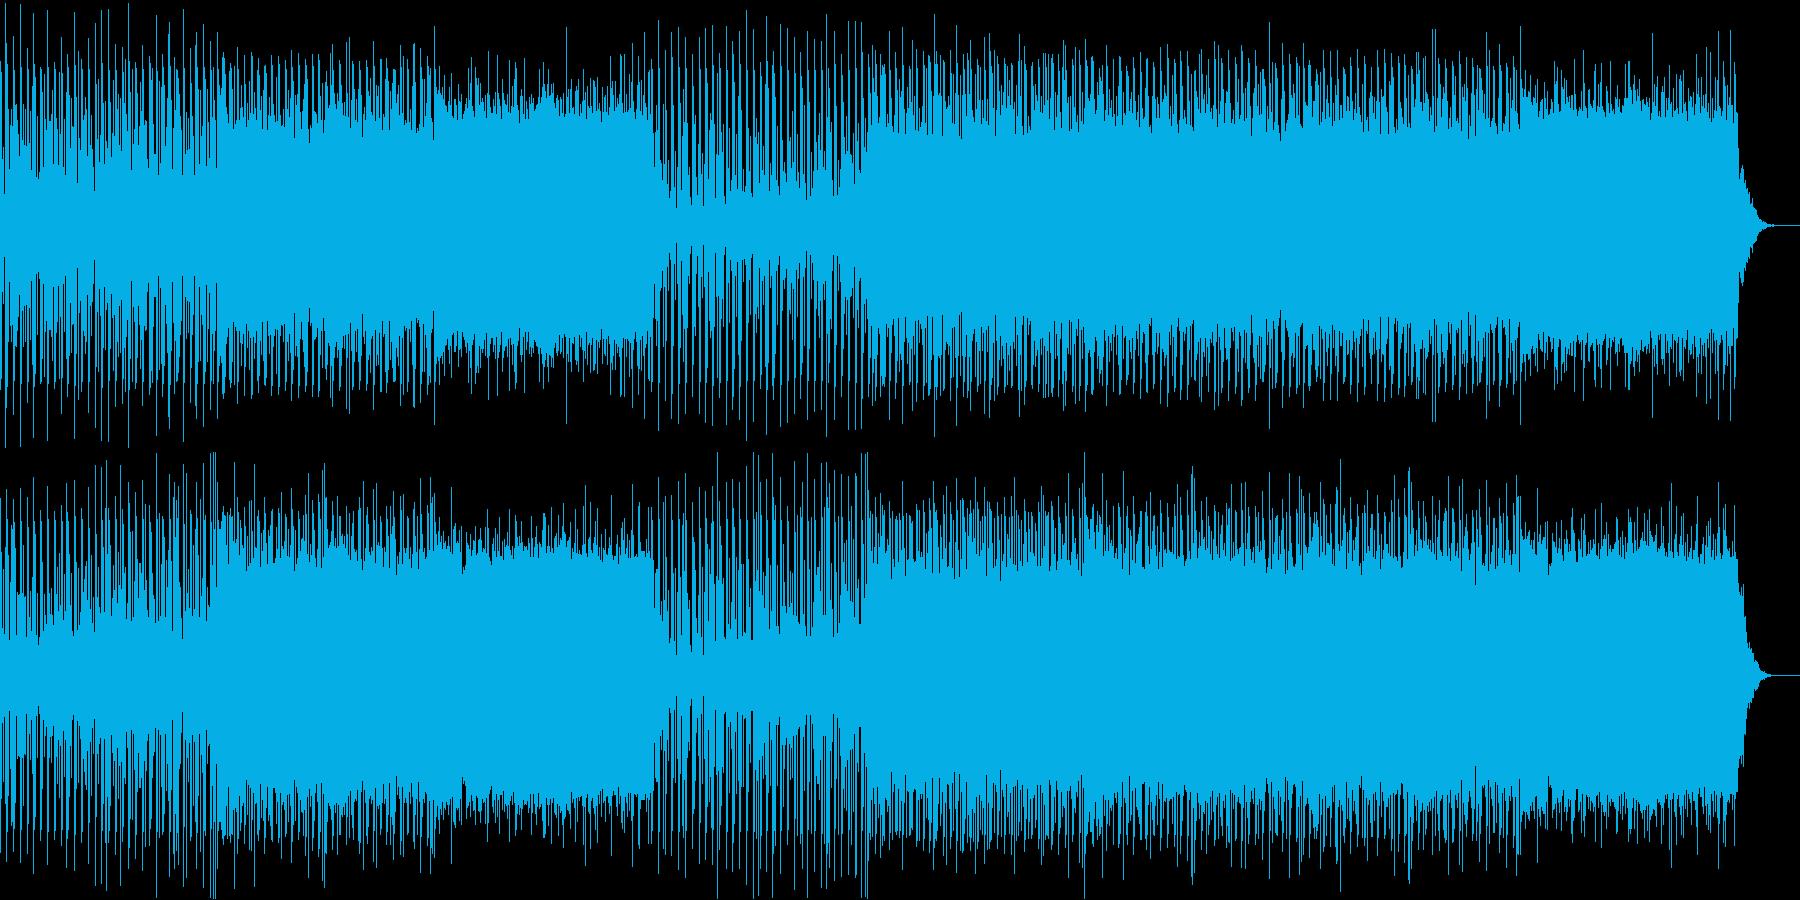 解説中に流れていそうなアンビエントの再生済みの波形